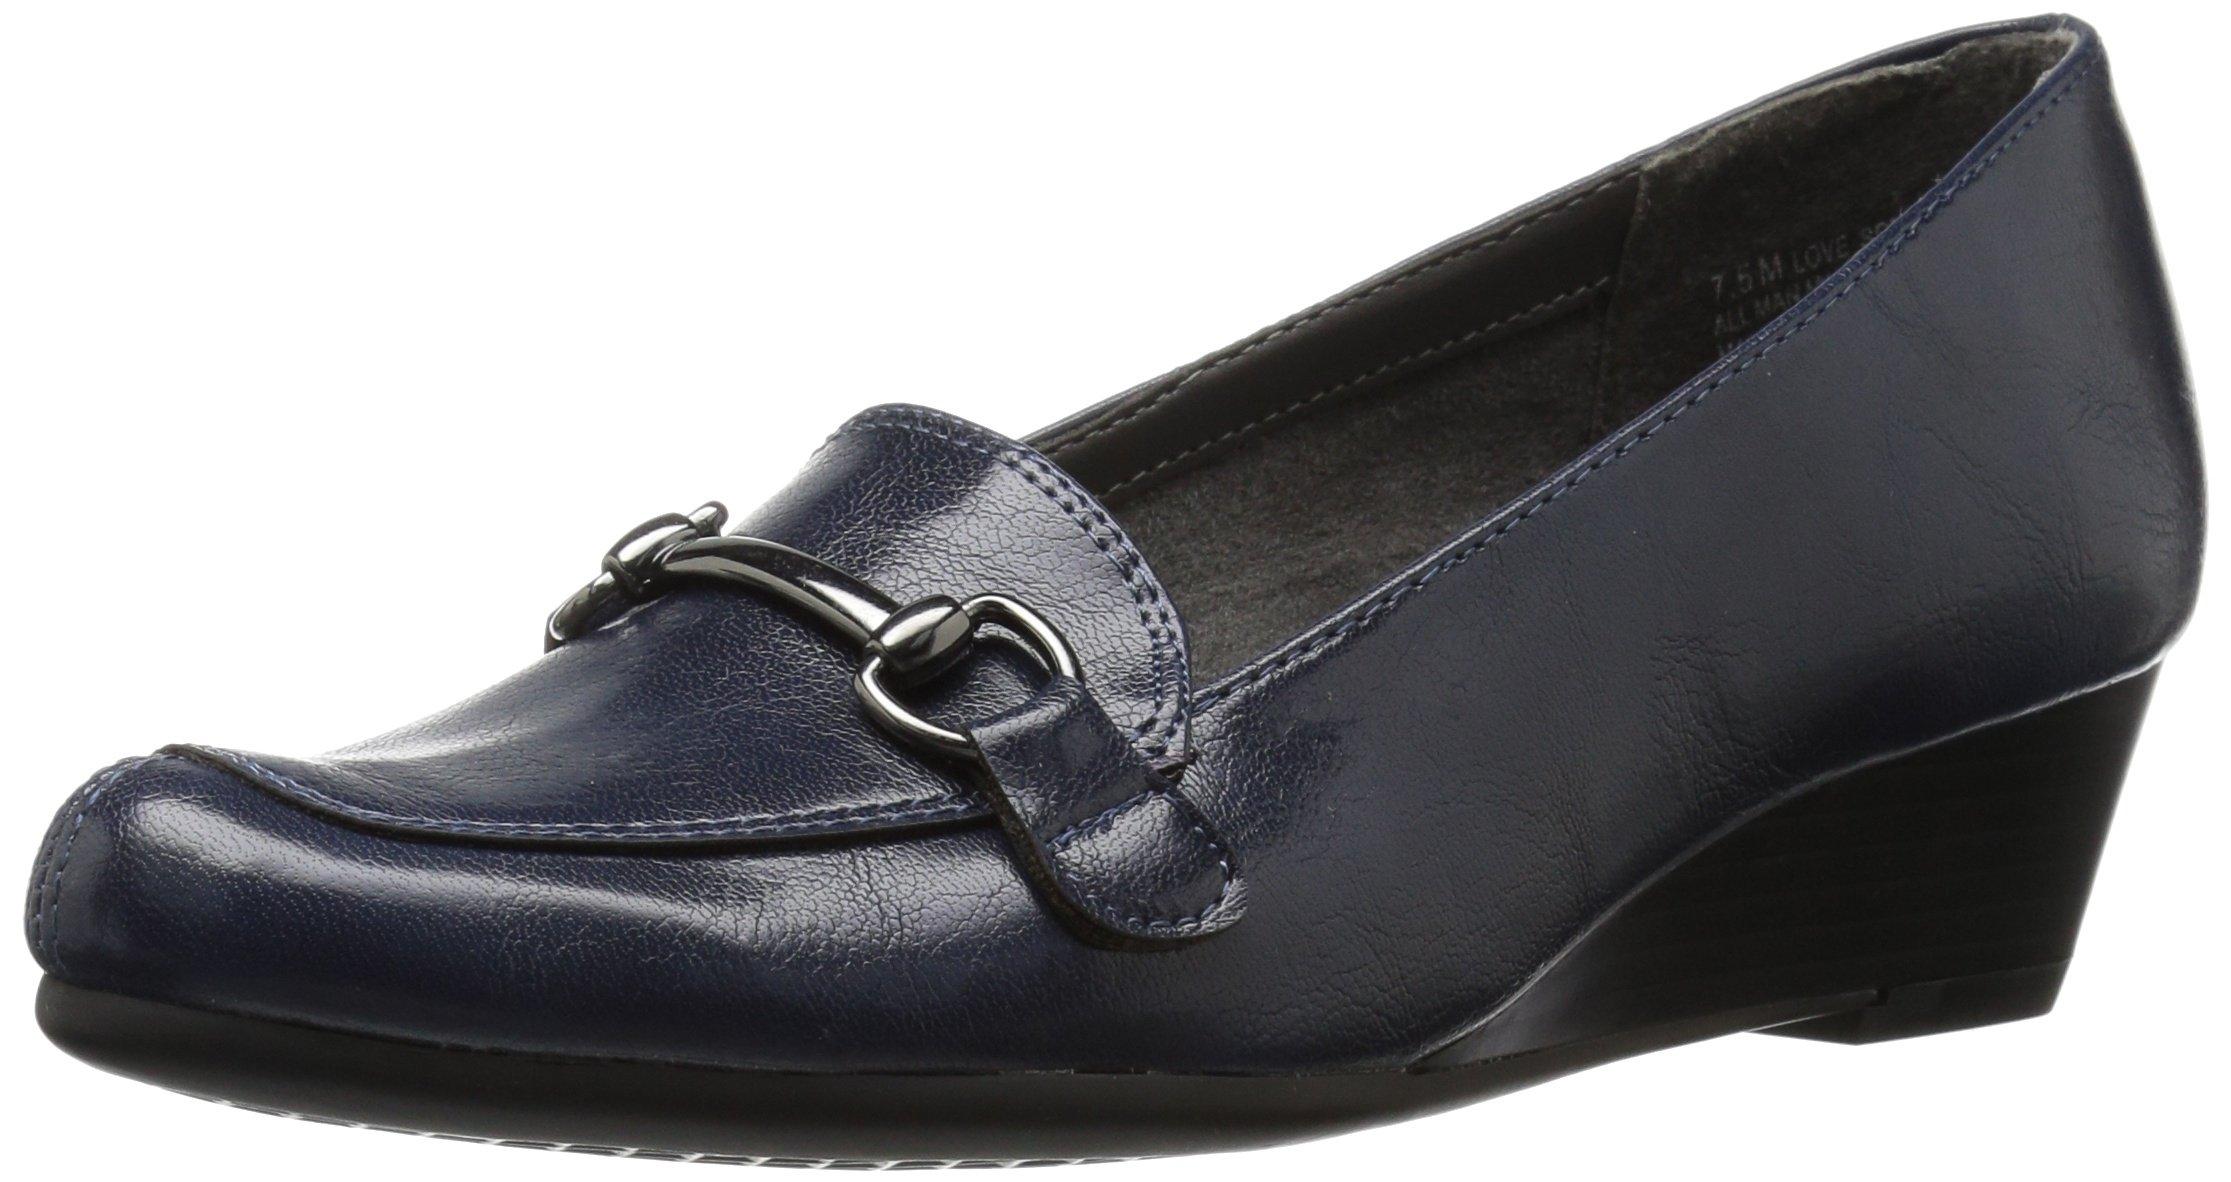 Aerosoles A2 Women's Love Spell Slip-on Loafer, Navy, 9.5 M US